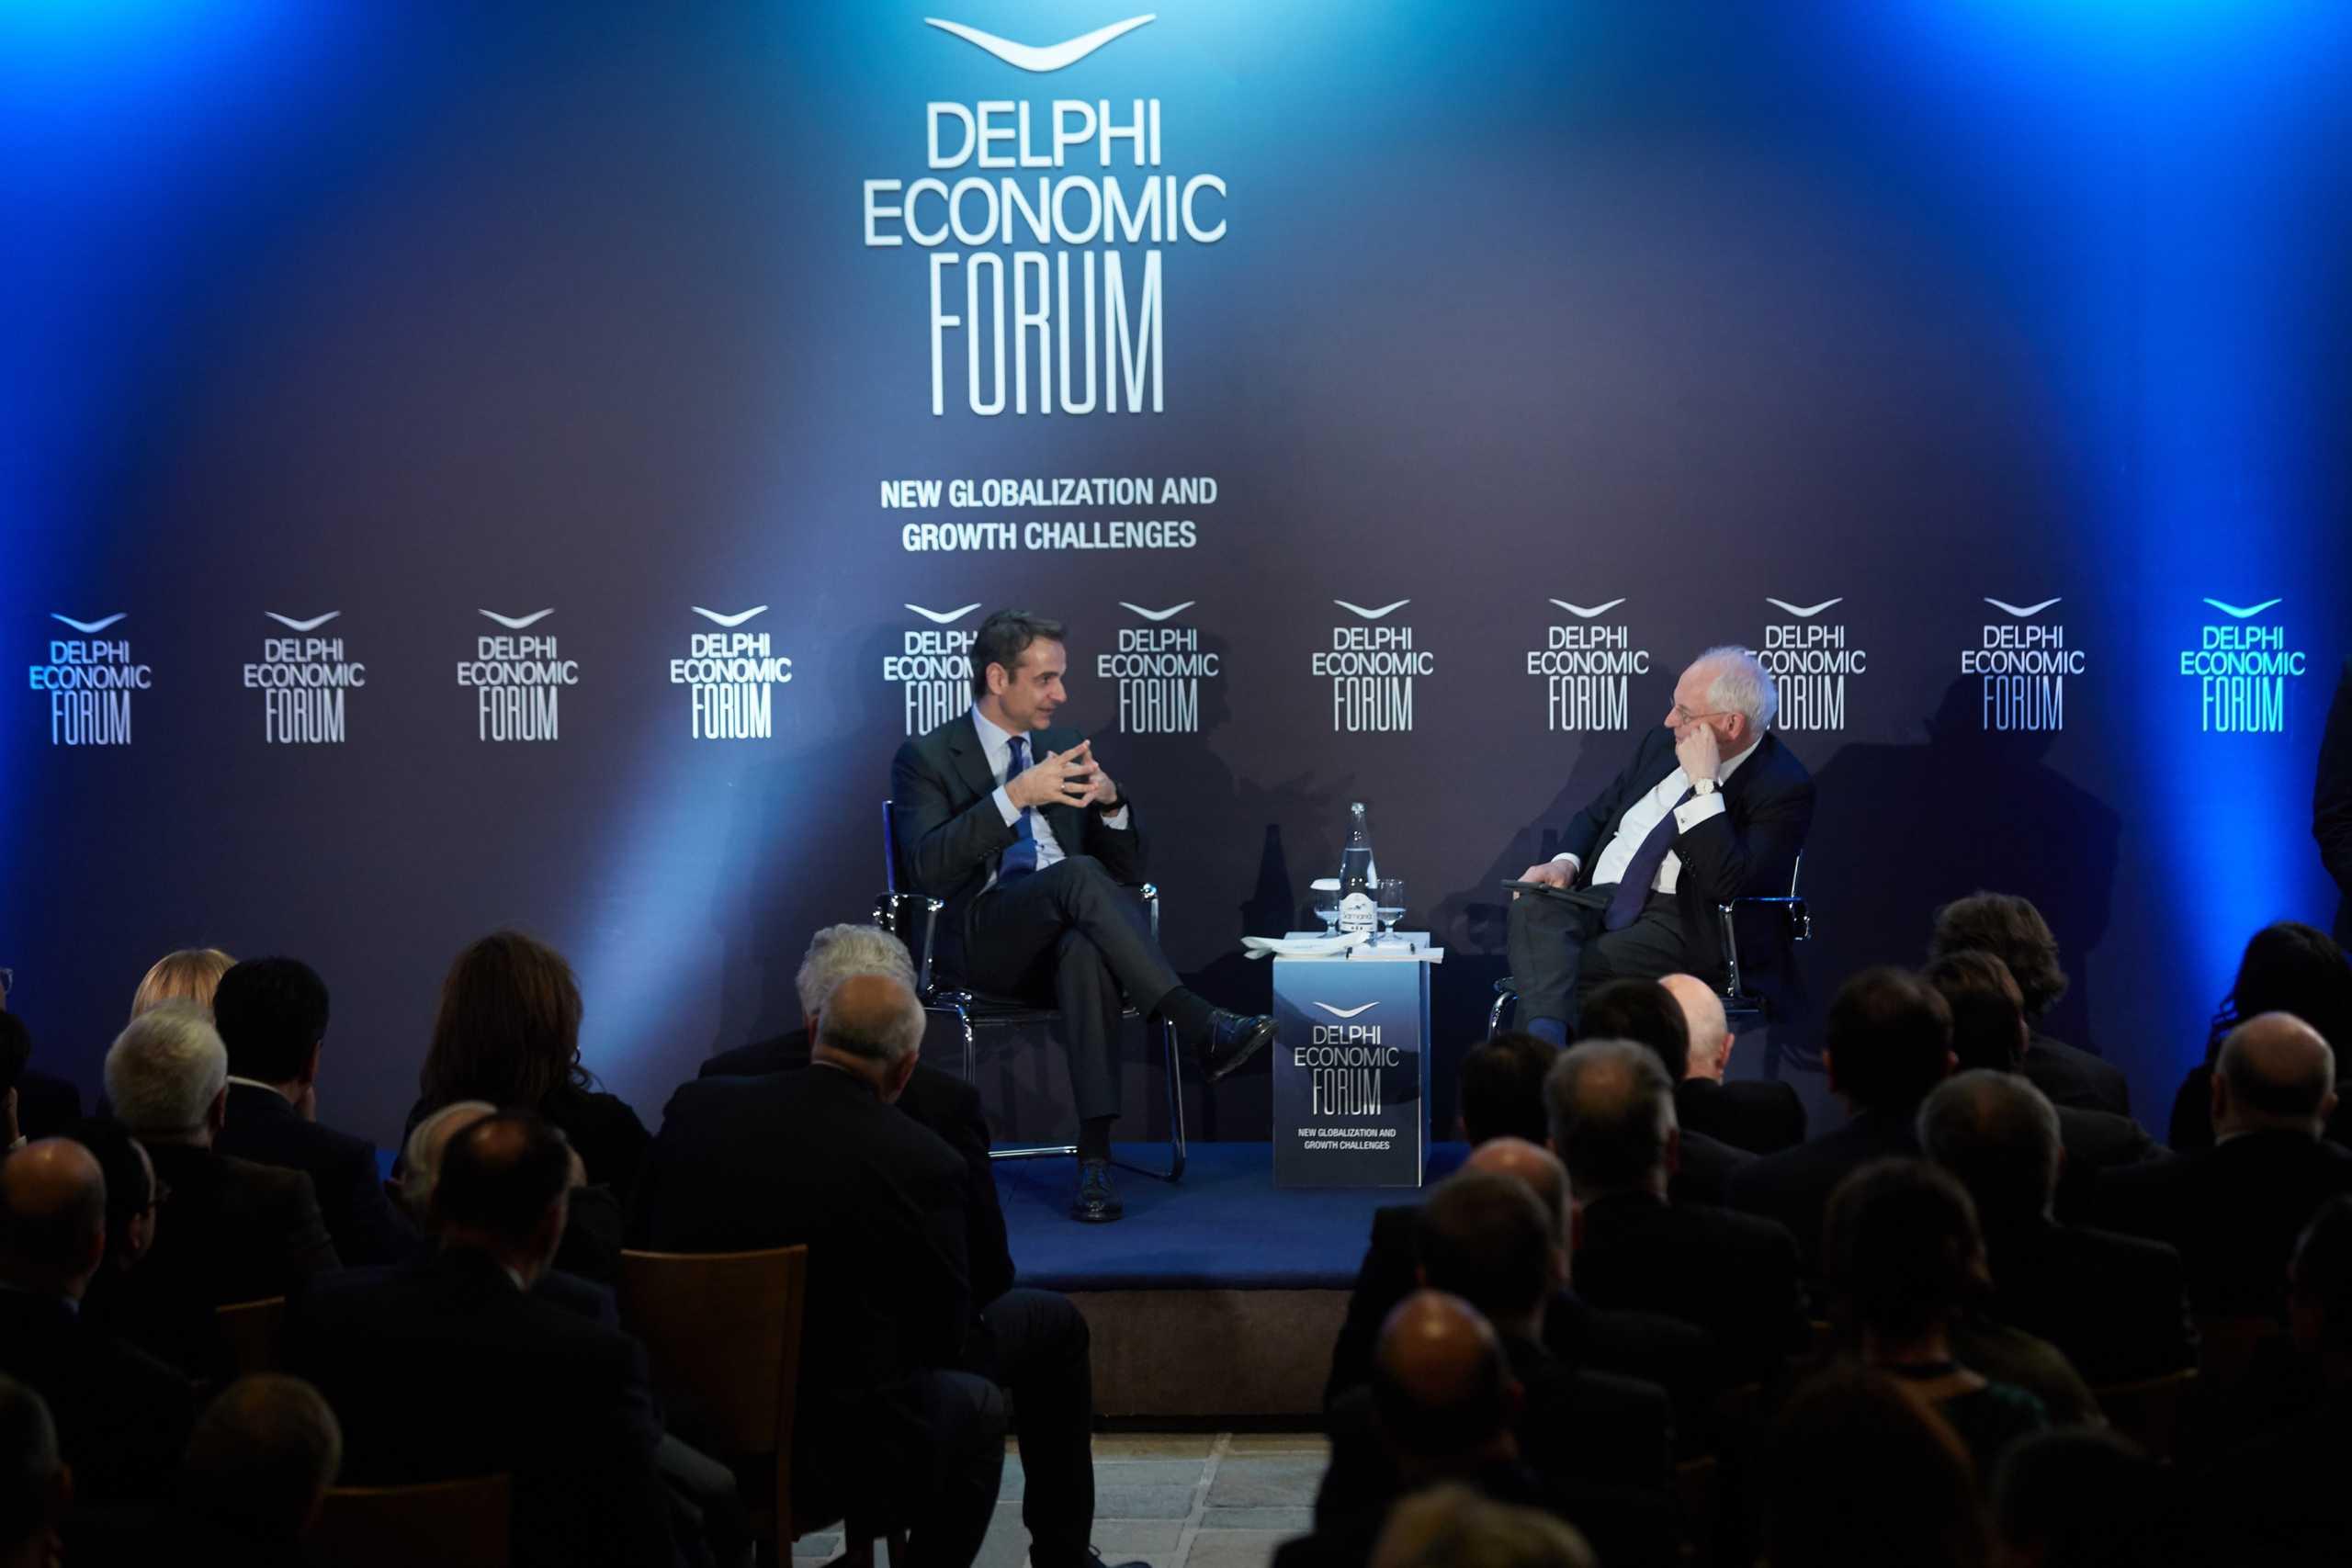 Κορονοϊός: Αναβάλλεται το Οικονομικό Φόρουμ των Δελφών λόγω των κρουσμάτων